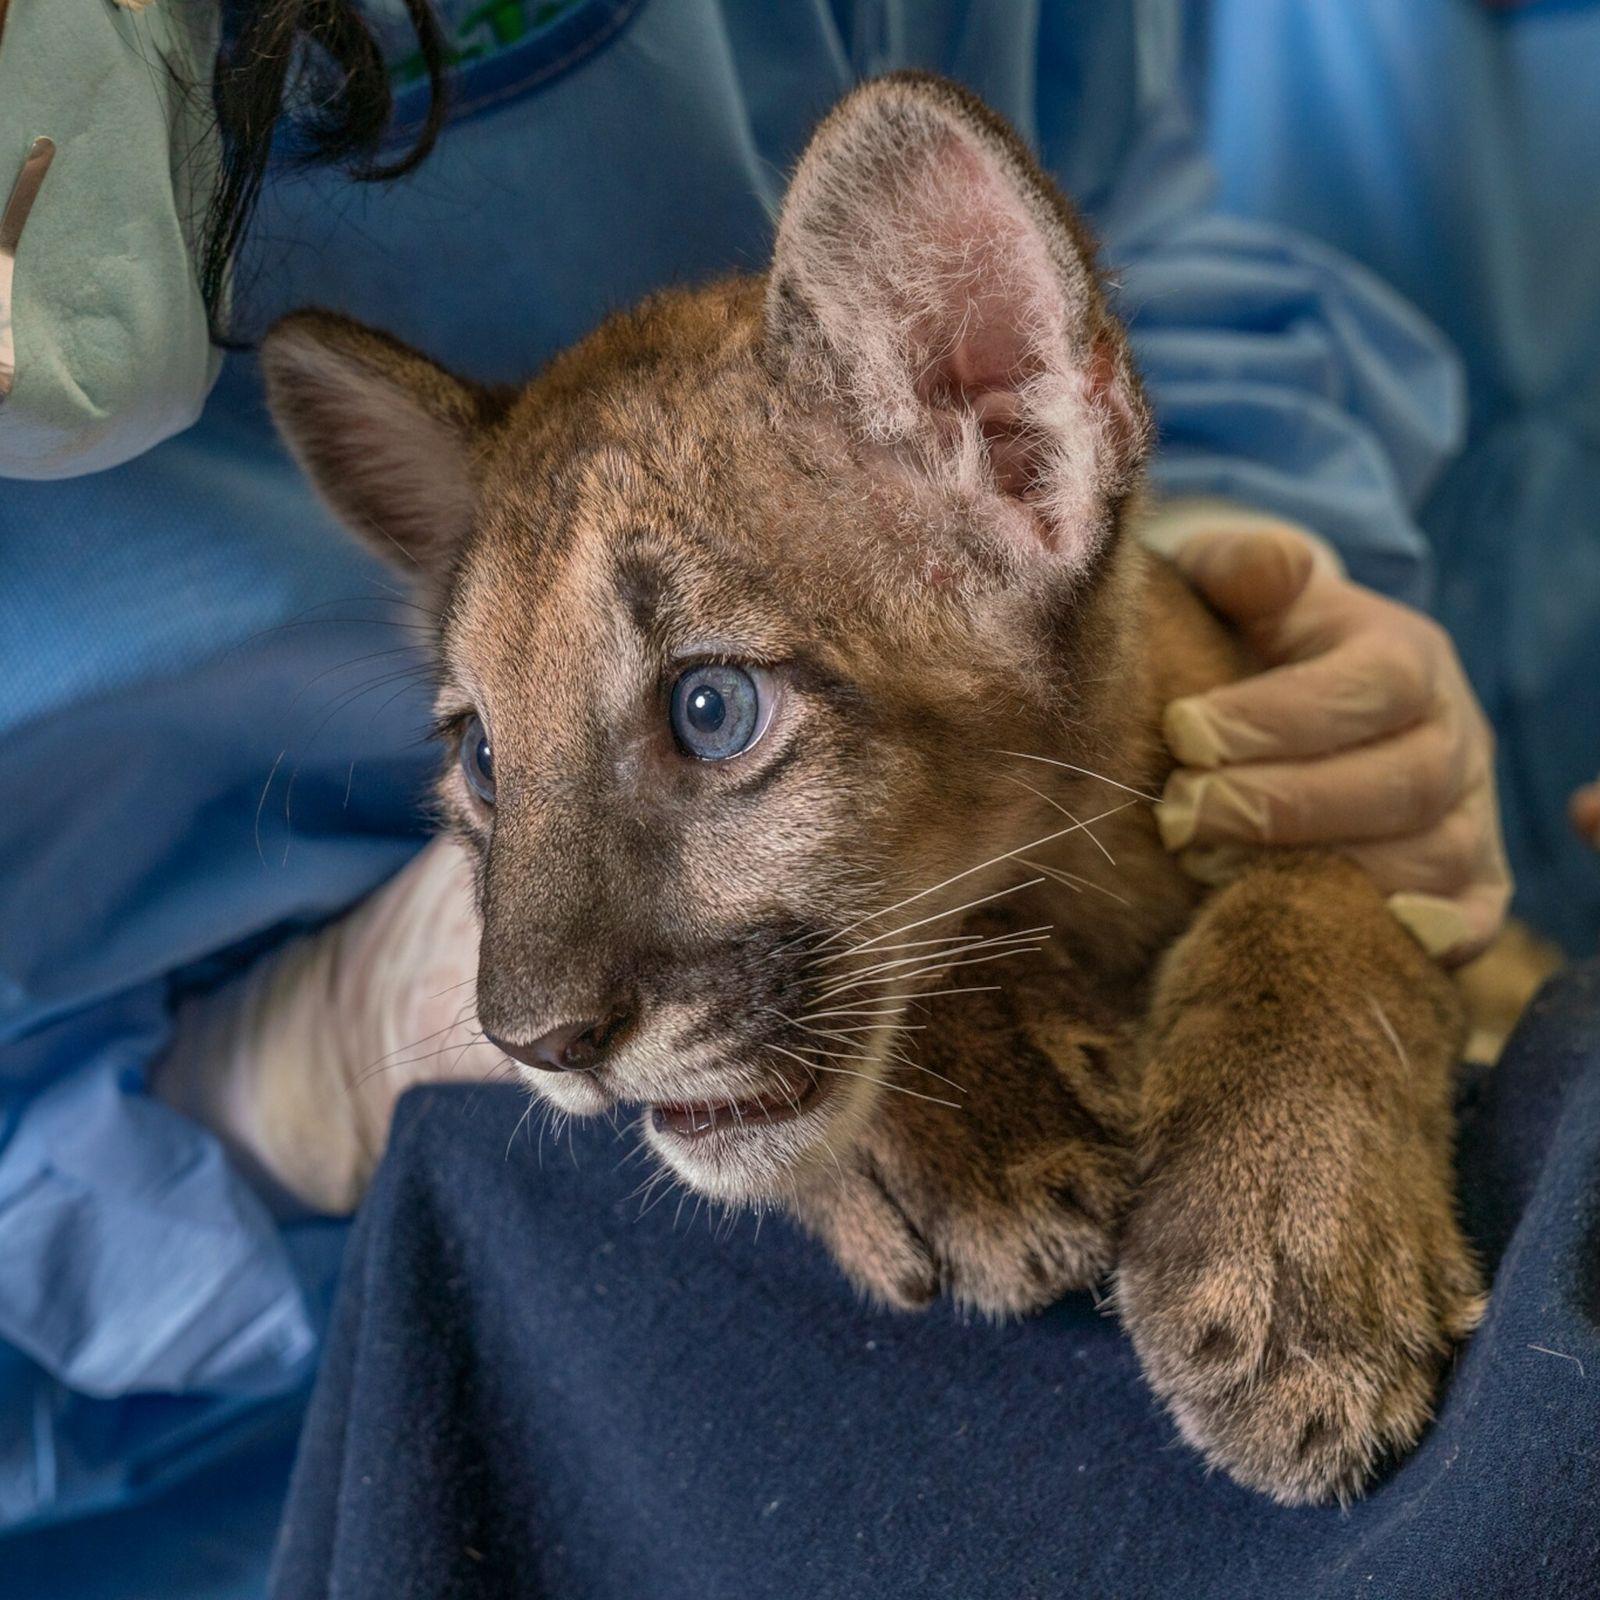 Um filhote de pantera-da-flórida nascido de uma mãe com leucomielopatia felina (FLM, na sigla em inglês), ...